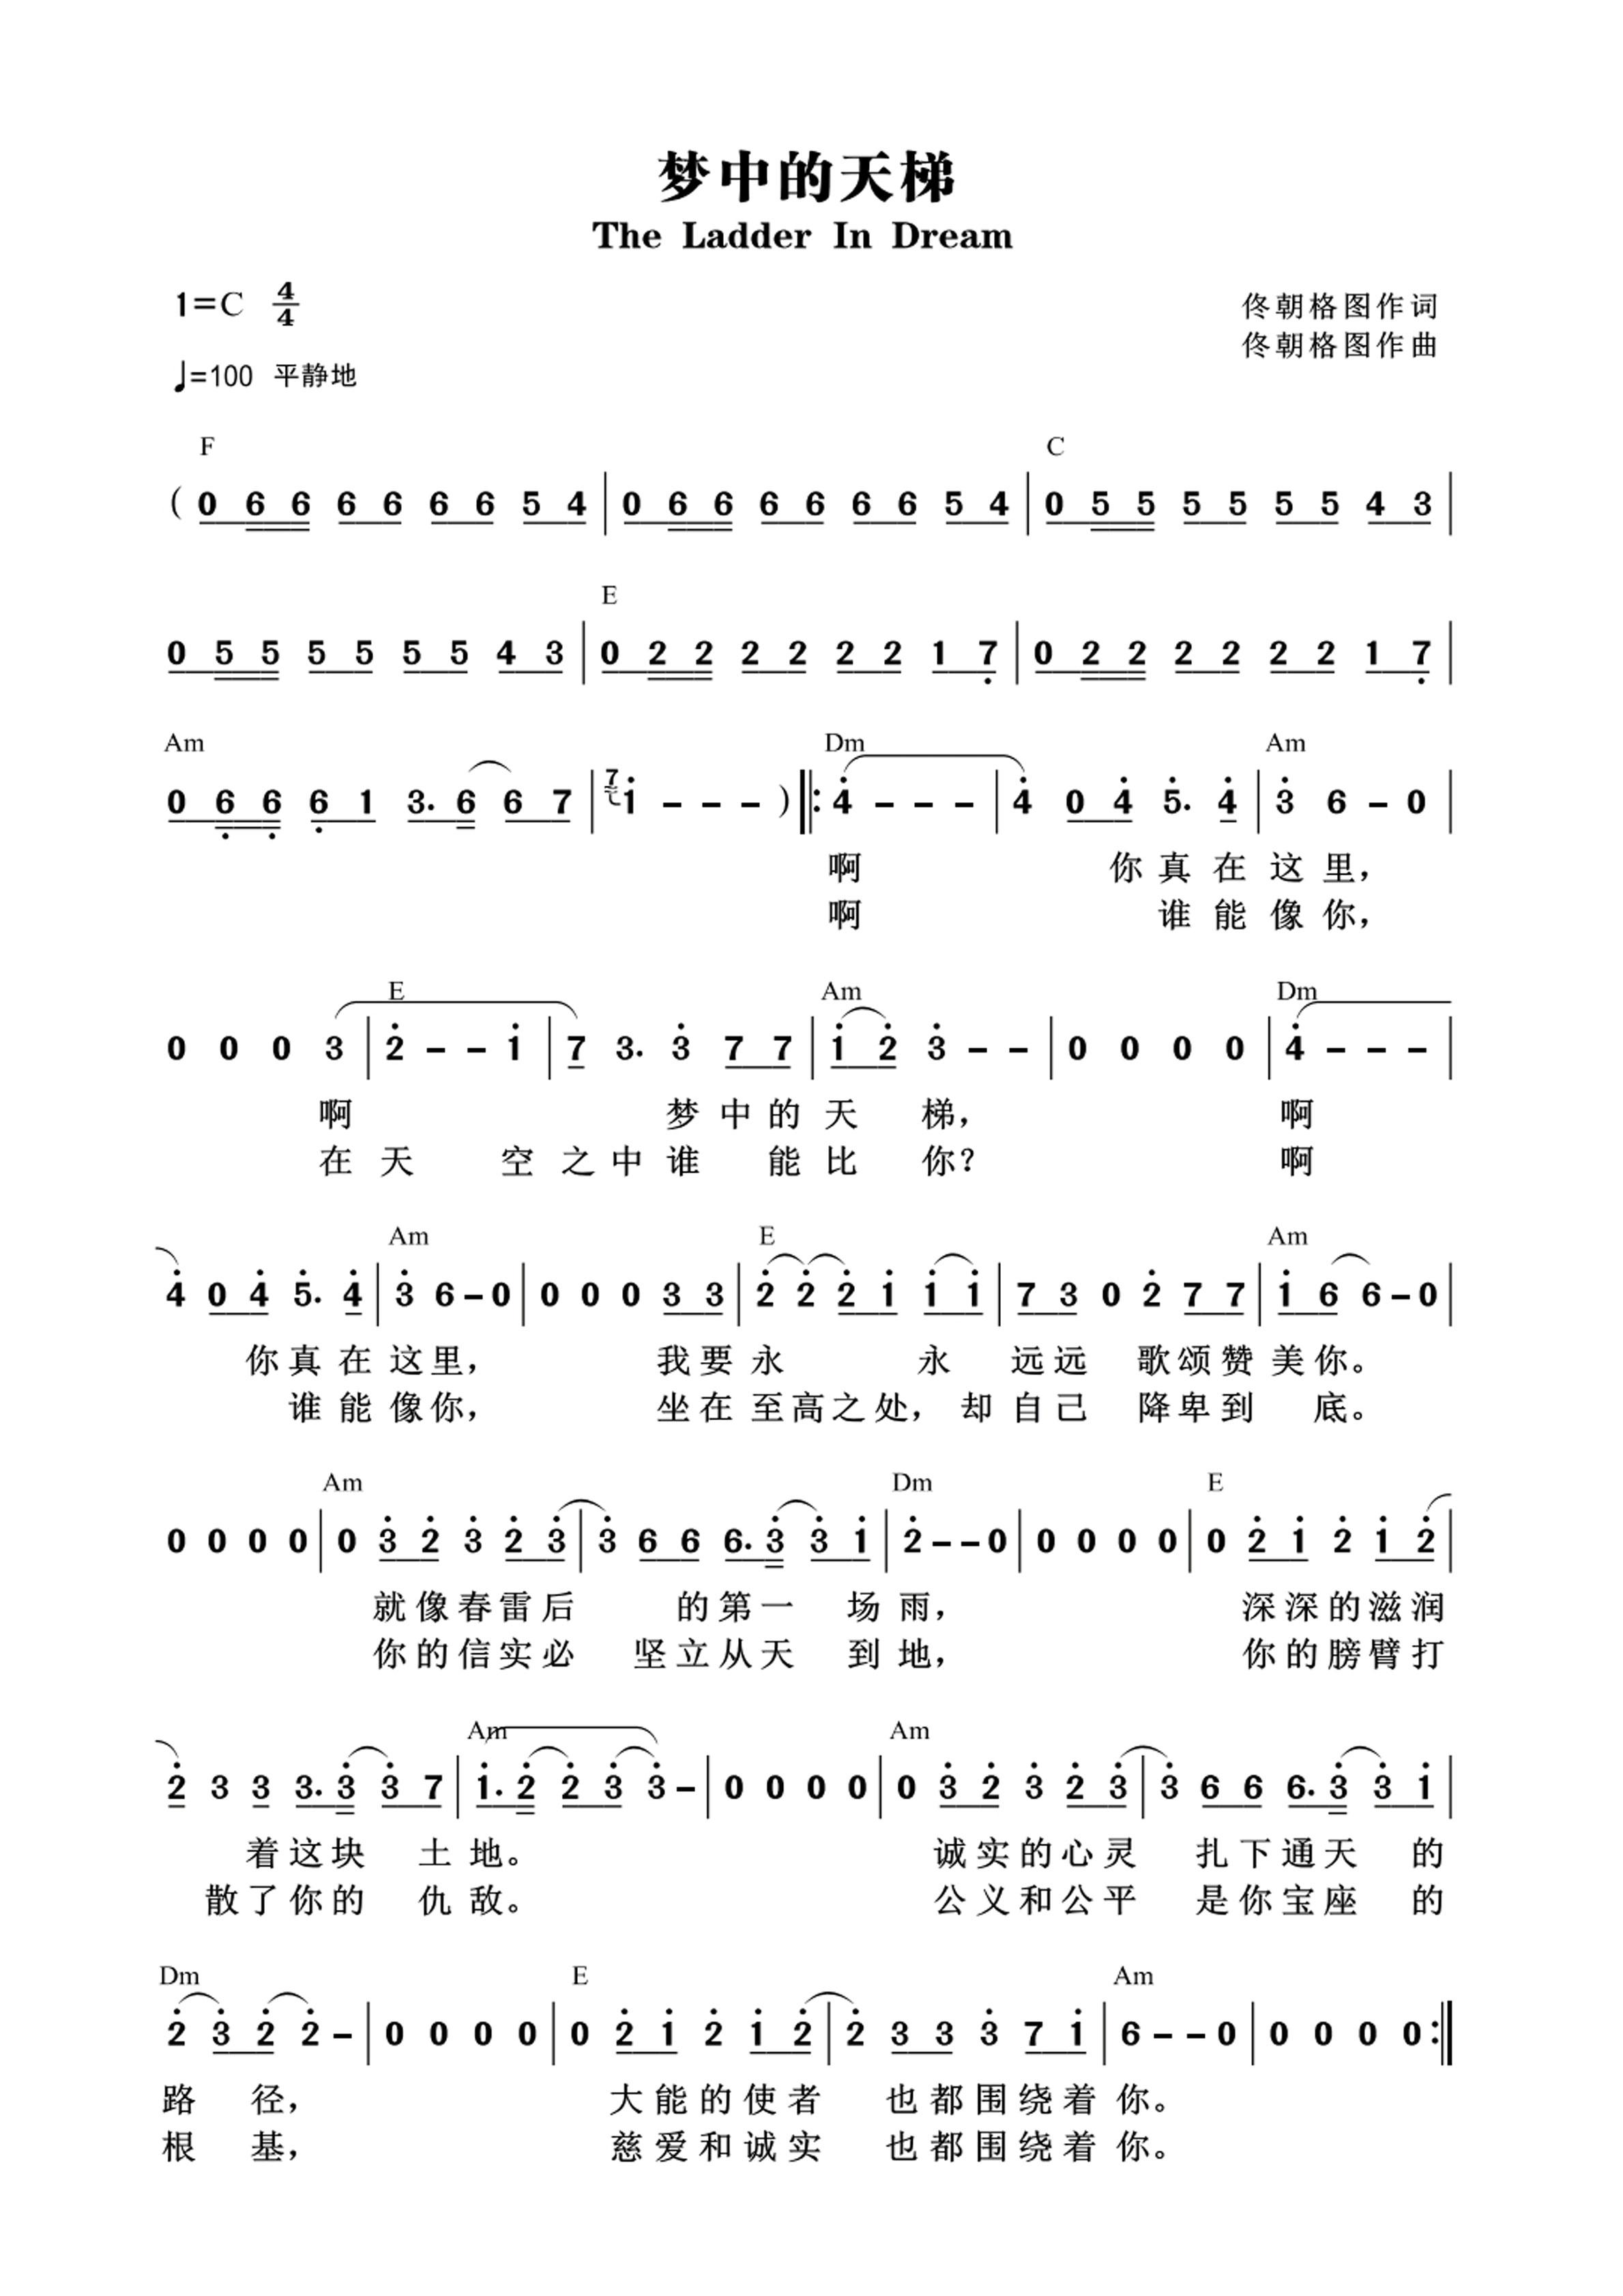 《梦中的天梯 官方和弦简谱》